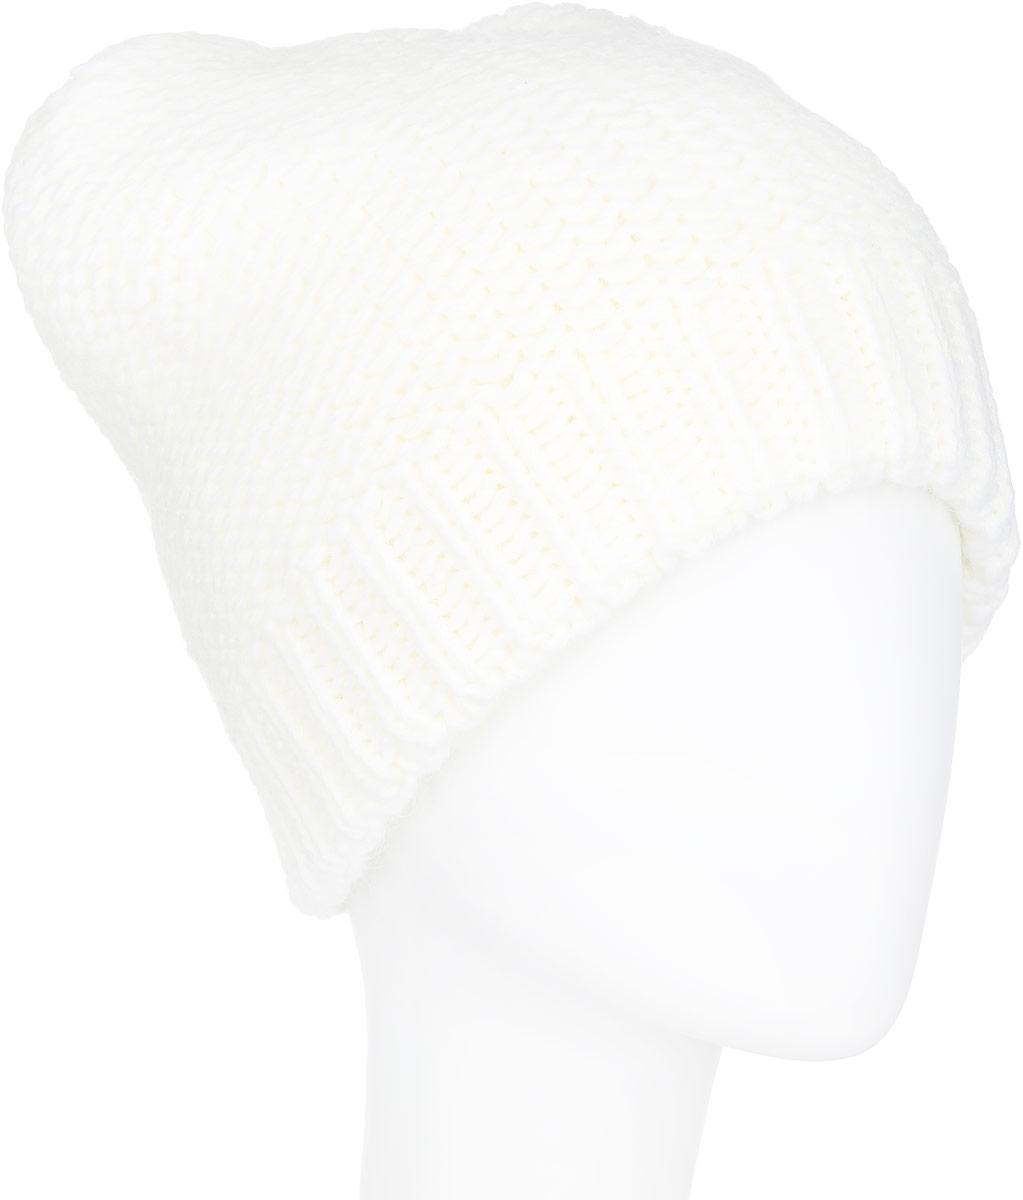 ШапкаA16-32125_145Стильная женская шапка Finn Flare дополнит ваш наряд и не позволит вам замерзнуть в холодное время года. Шапка выполнена из высококачественной пряжи, что позволяет ей великолепно сохранять тепло и обеспечивает высокую эластичность и удобство посадки. Изделие дополнено теплой подкладкой. Модель оформлена металлической эмблемой с логотипом производителя. Понизу предусмотрена вязаная резинка. Такая шапка станет модным и стильным дополнением вашего гардероба. Она согреет вас и позволит подчеркнуть свою индивидуальность!